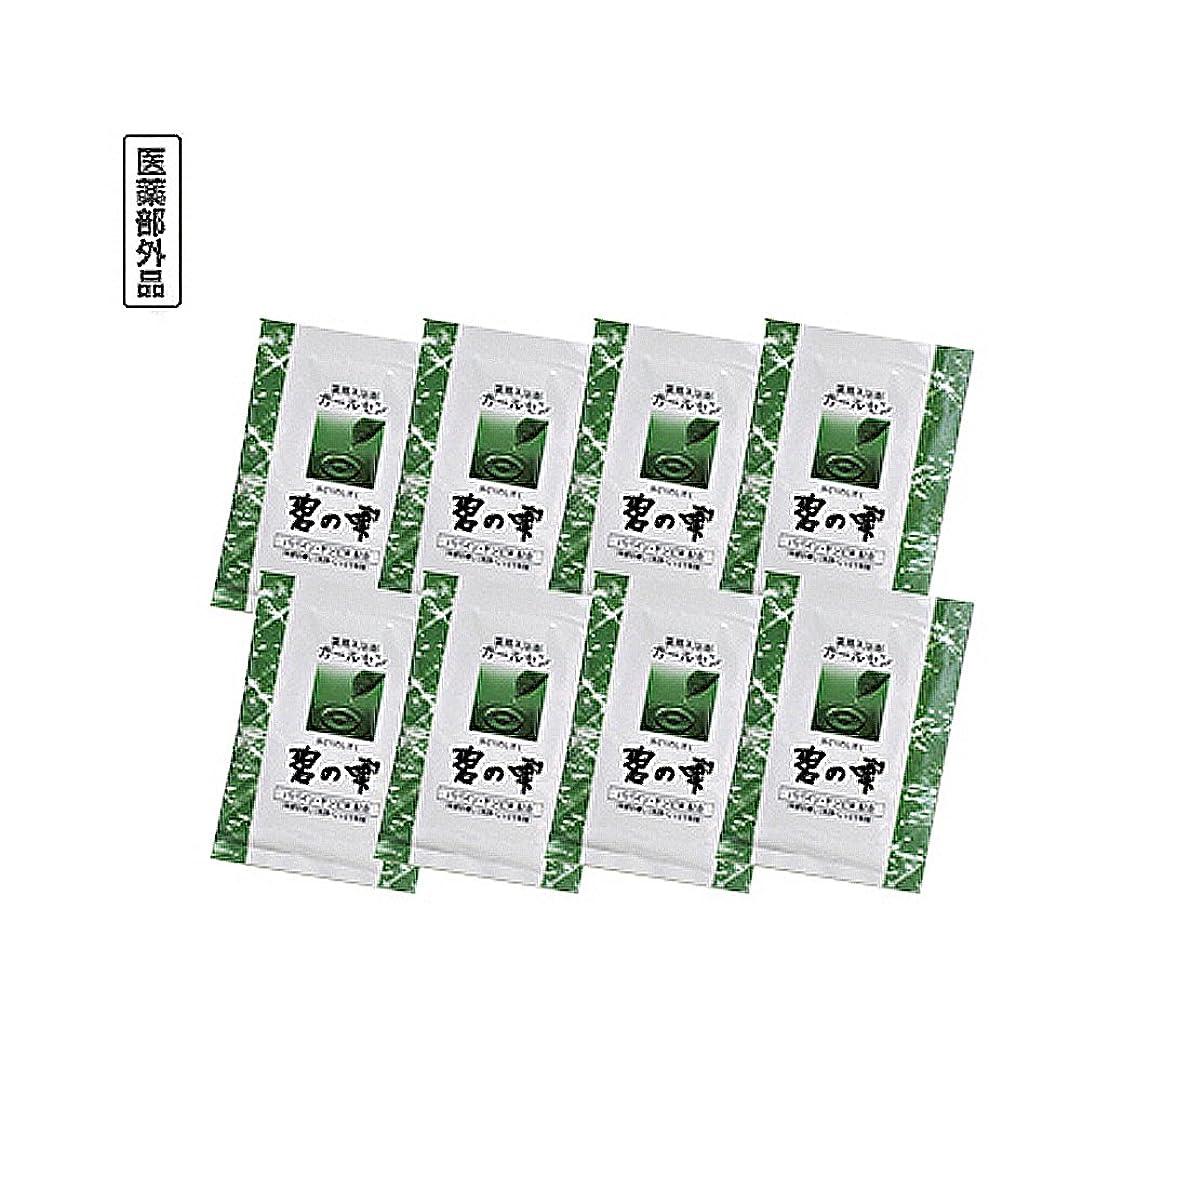 カプセル病気の患者東海美商 薬用入浴剤ガールセン 碧の雫 20g×8包 お試し版